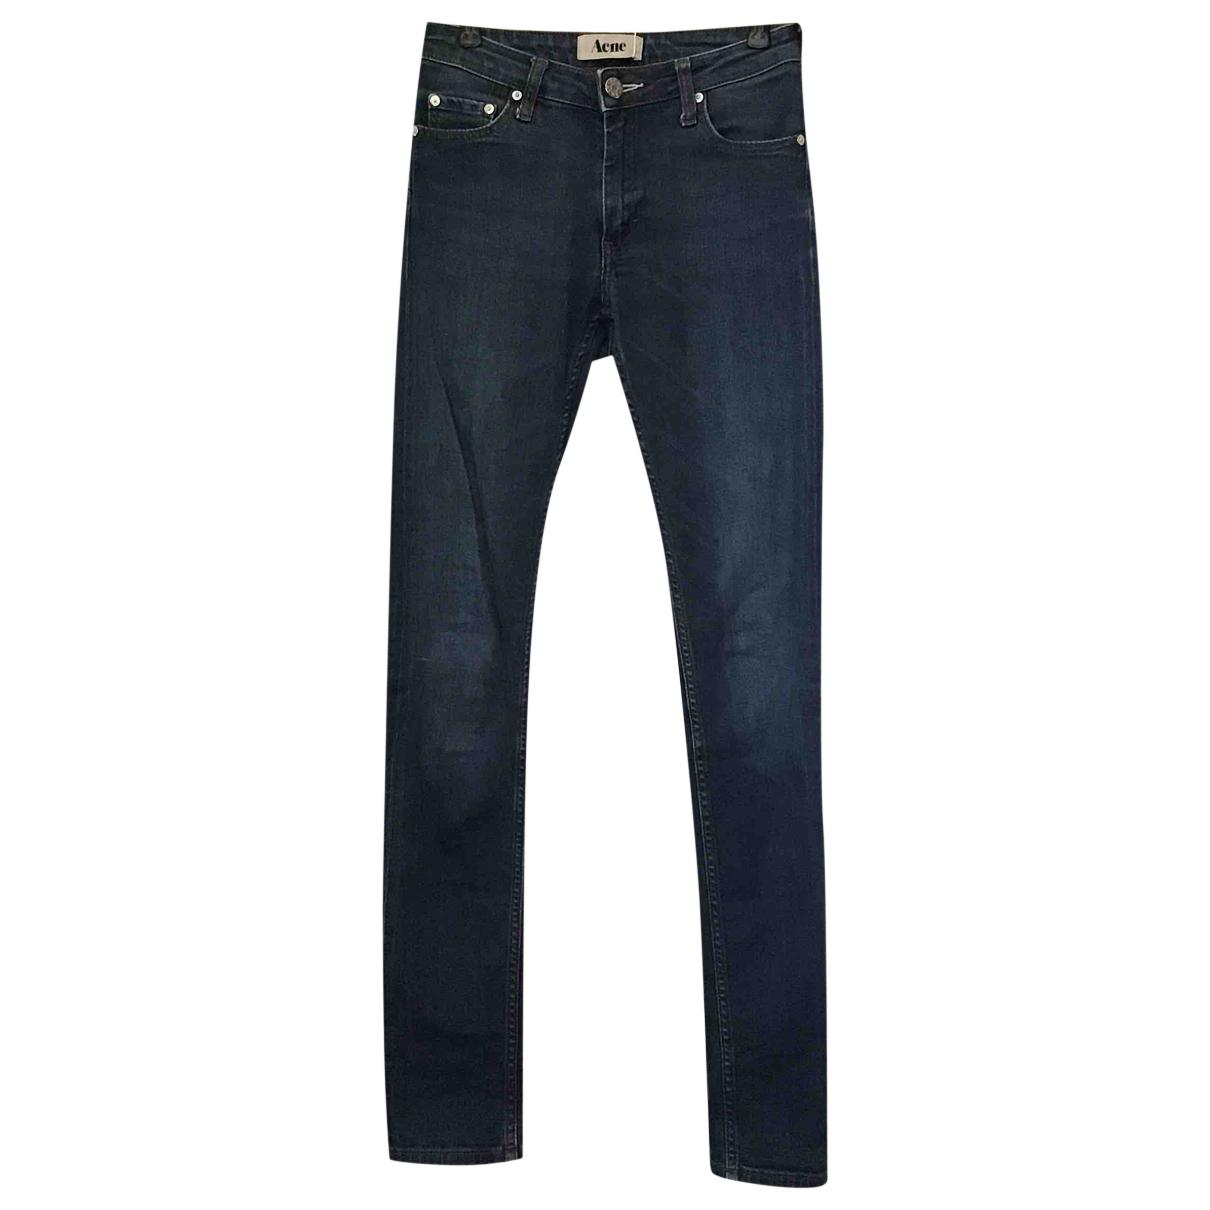 Acne Studios Flex Cotton Jeans for Women 26 US